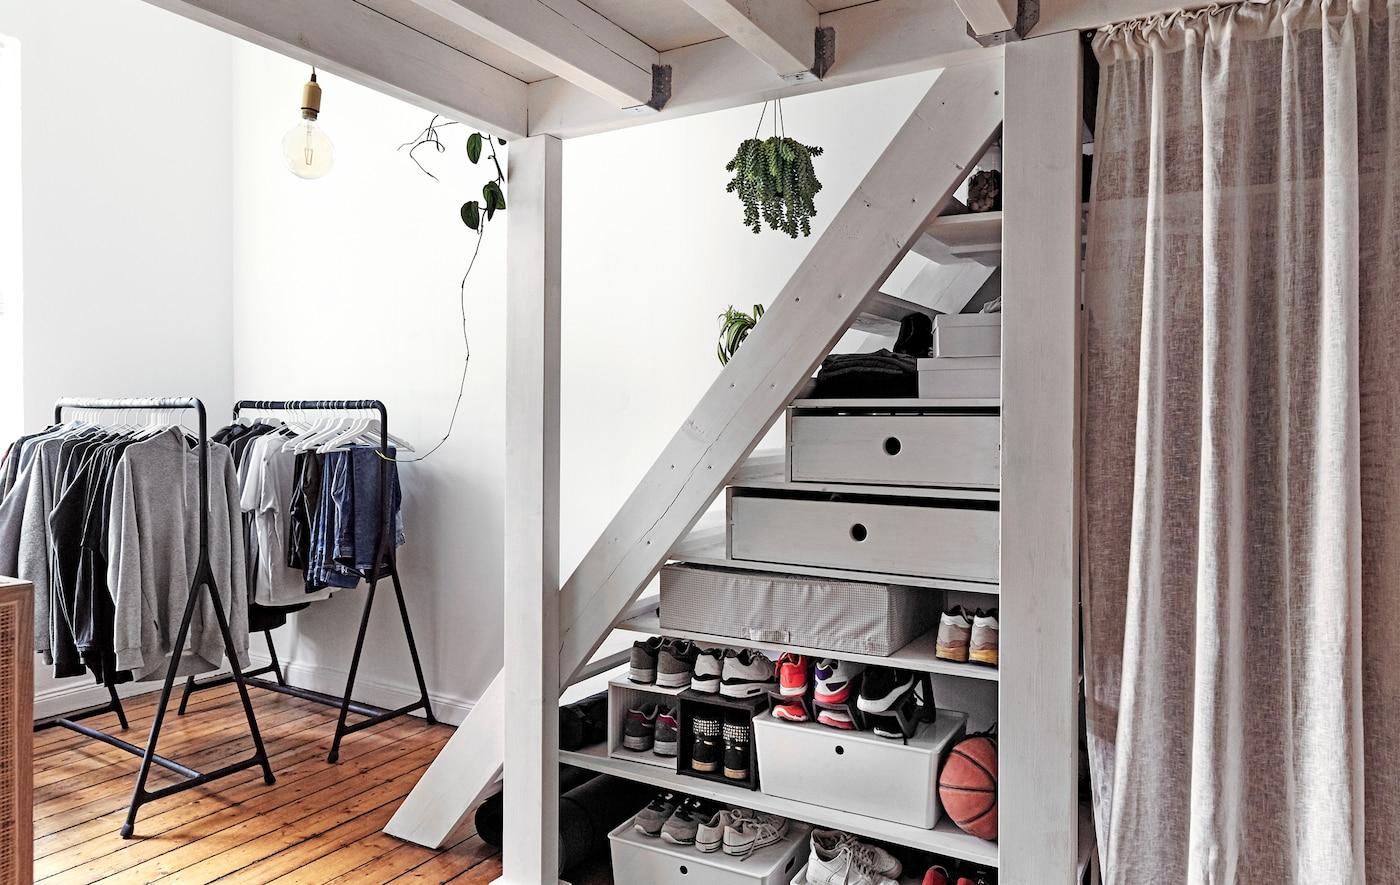 Stand appendiabiti nell'angolo e contenitori su mensole ricavate sotto la scala - IKEA